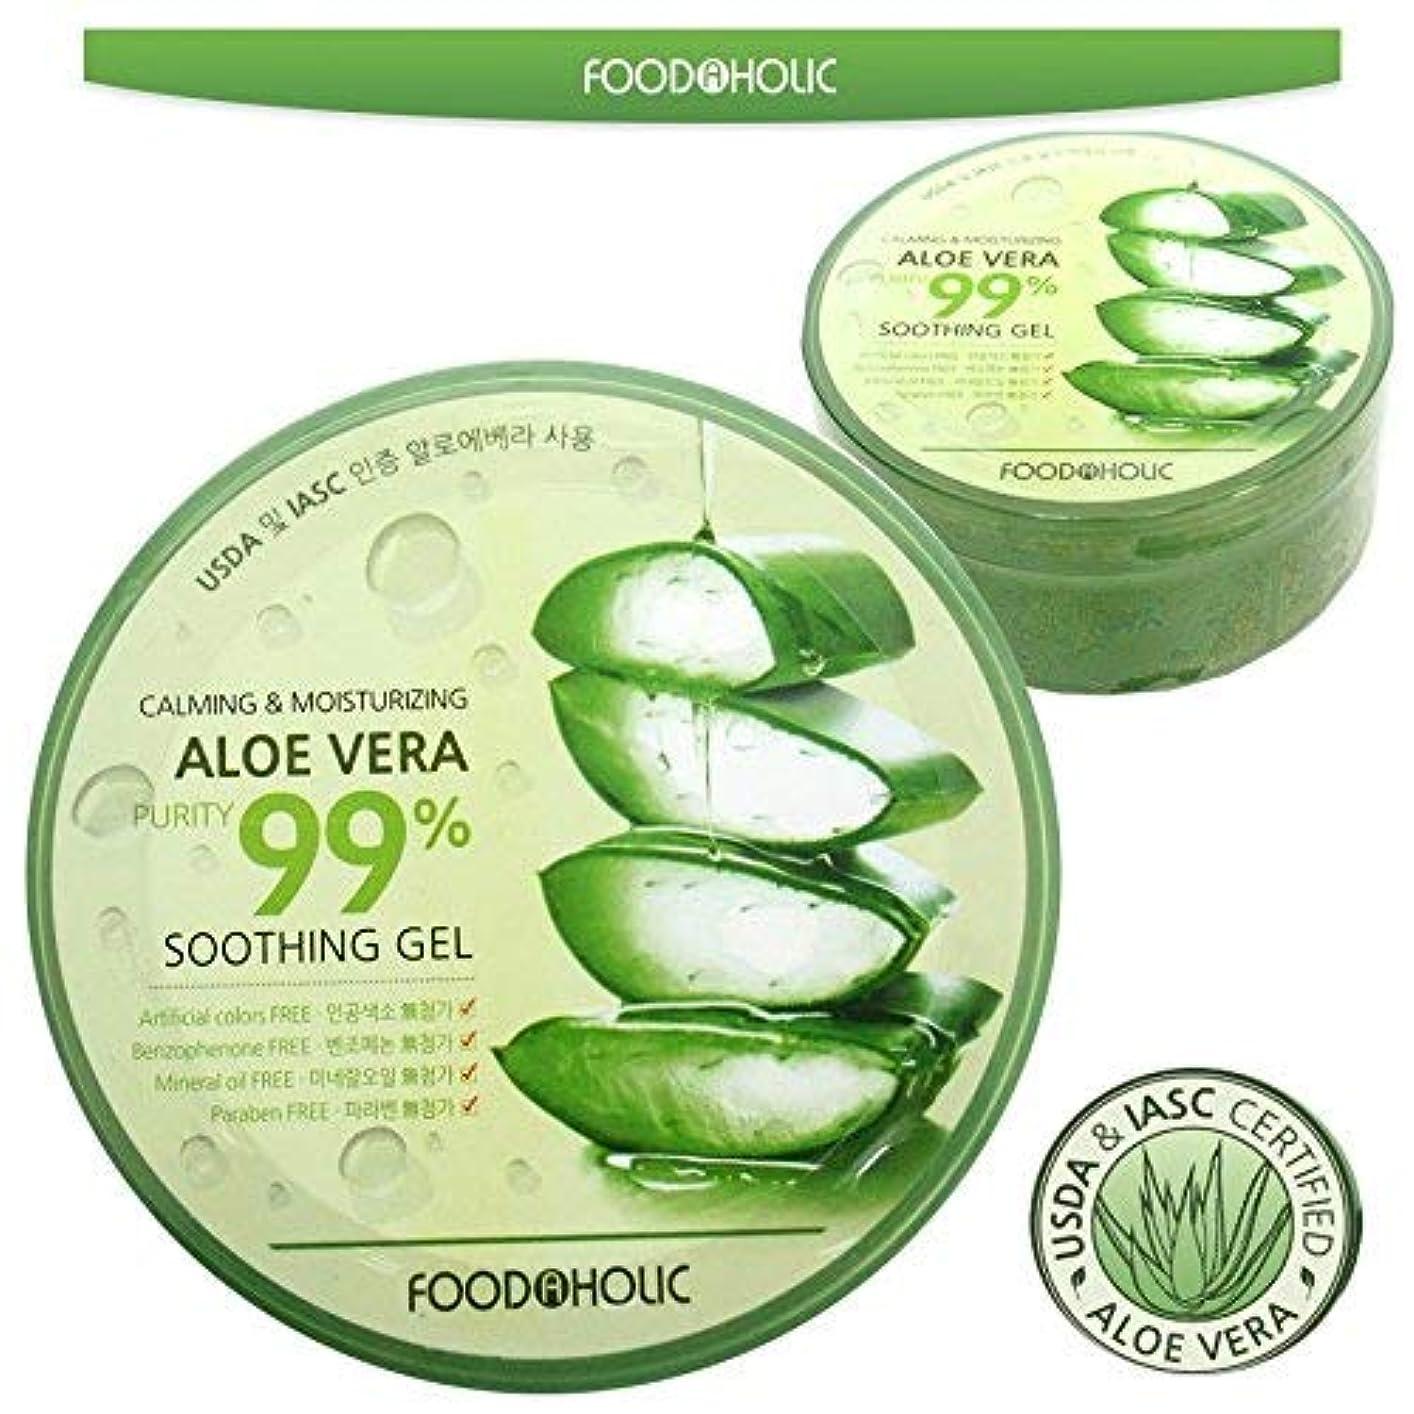 直感欲しいですタヒチ[FOOD A HOLIC] 穏やかな&保湿アロエベラ純度は99%スージングジェル(300ml * 1EA) / Calming & Moisturizing Aloe Vera Purity 99% Soothing...